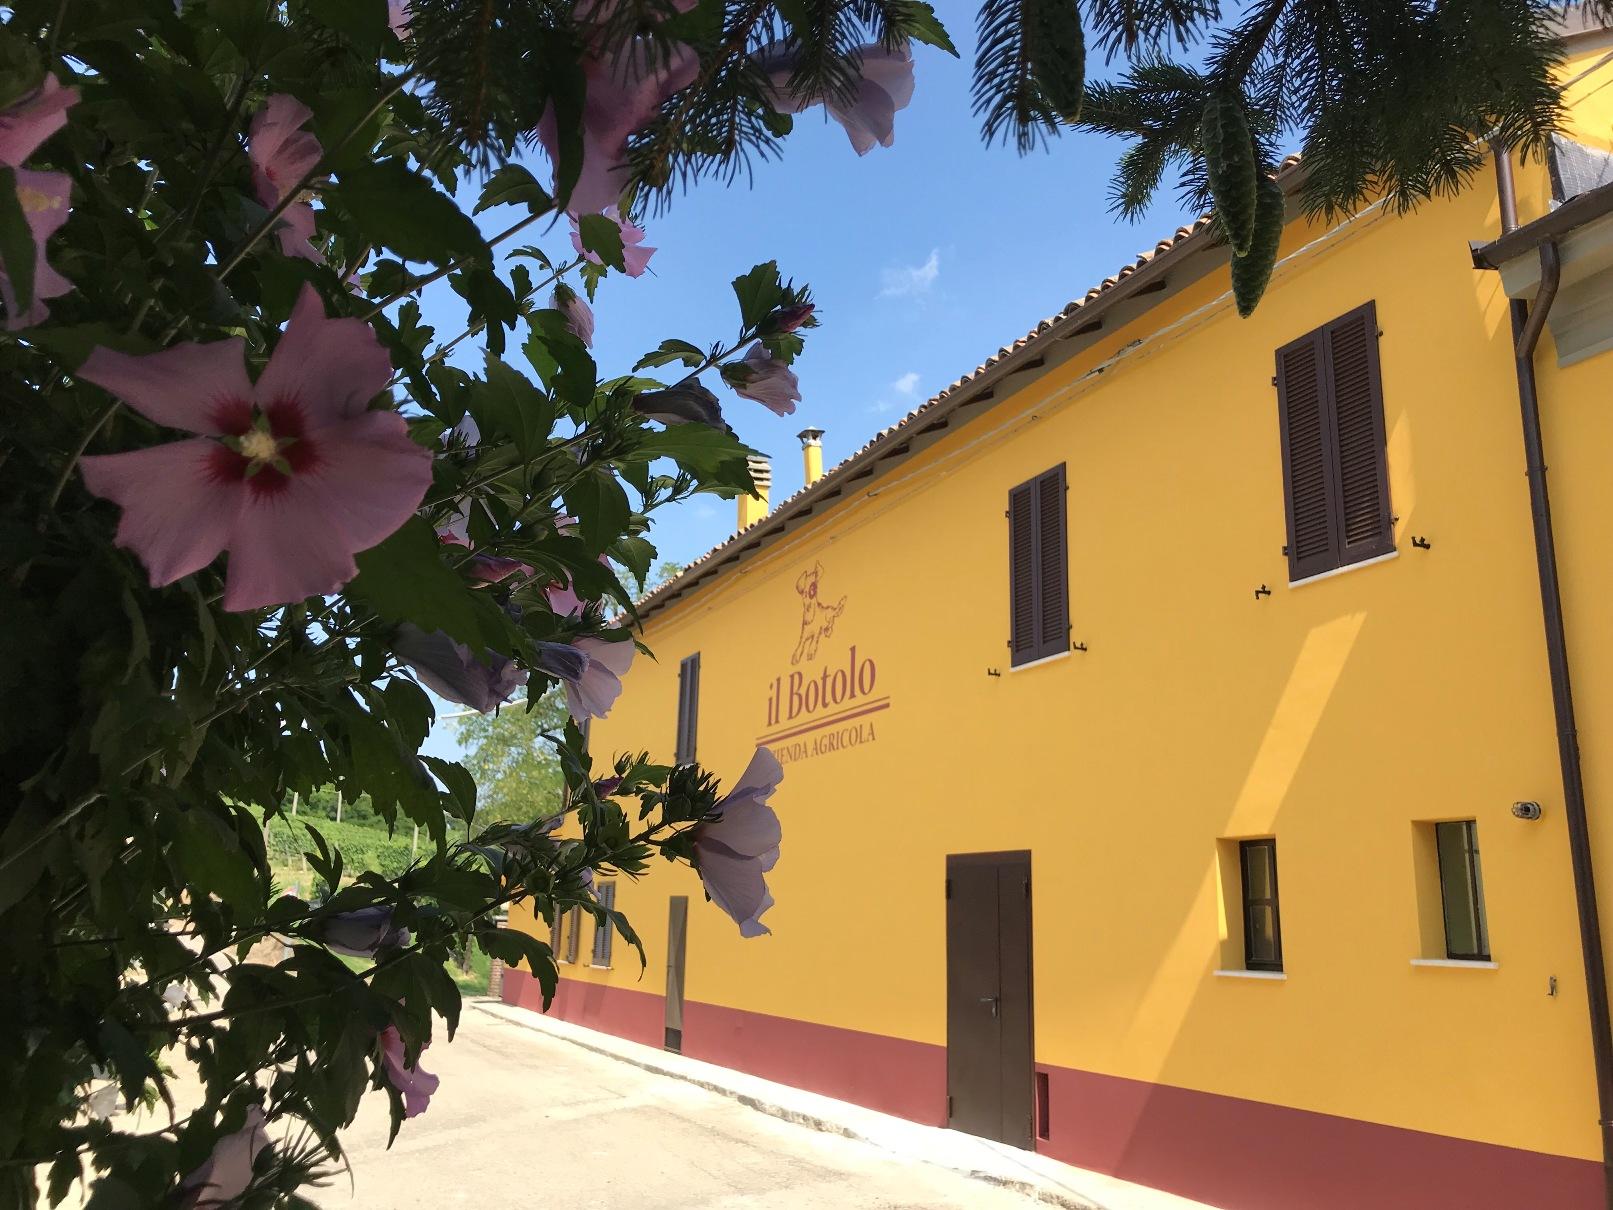 Tenuta il botolo Welcome to the Castle